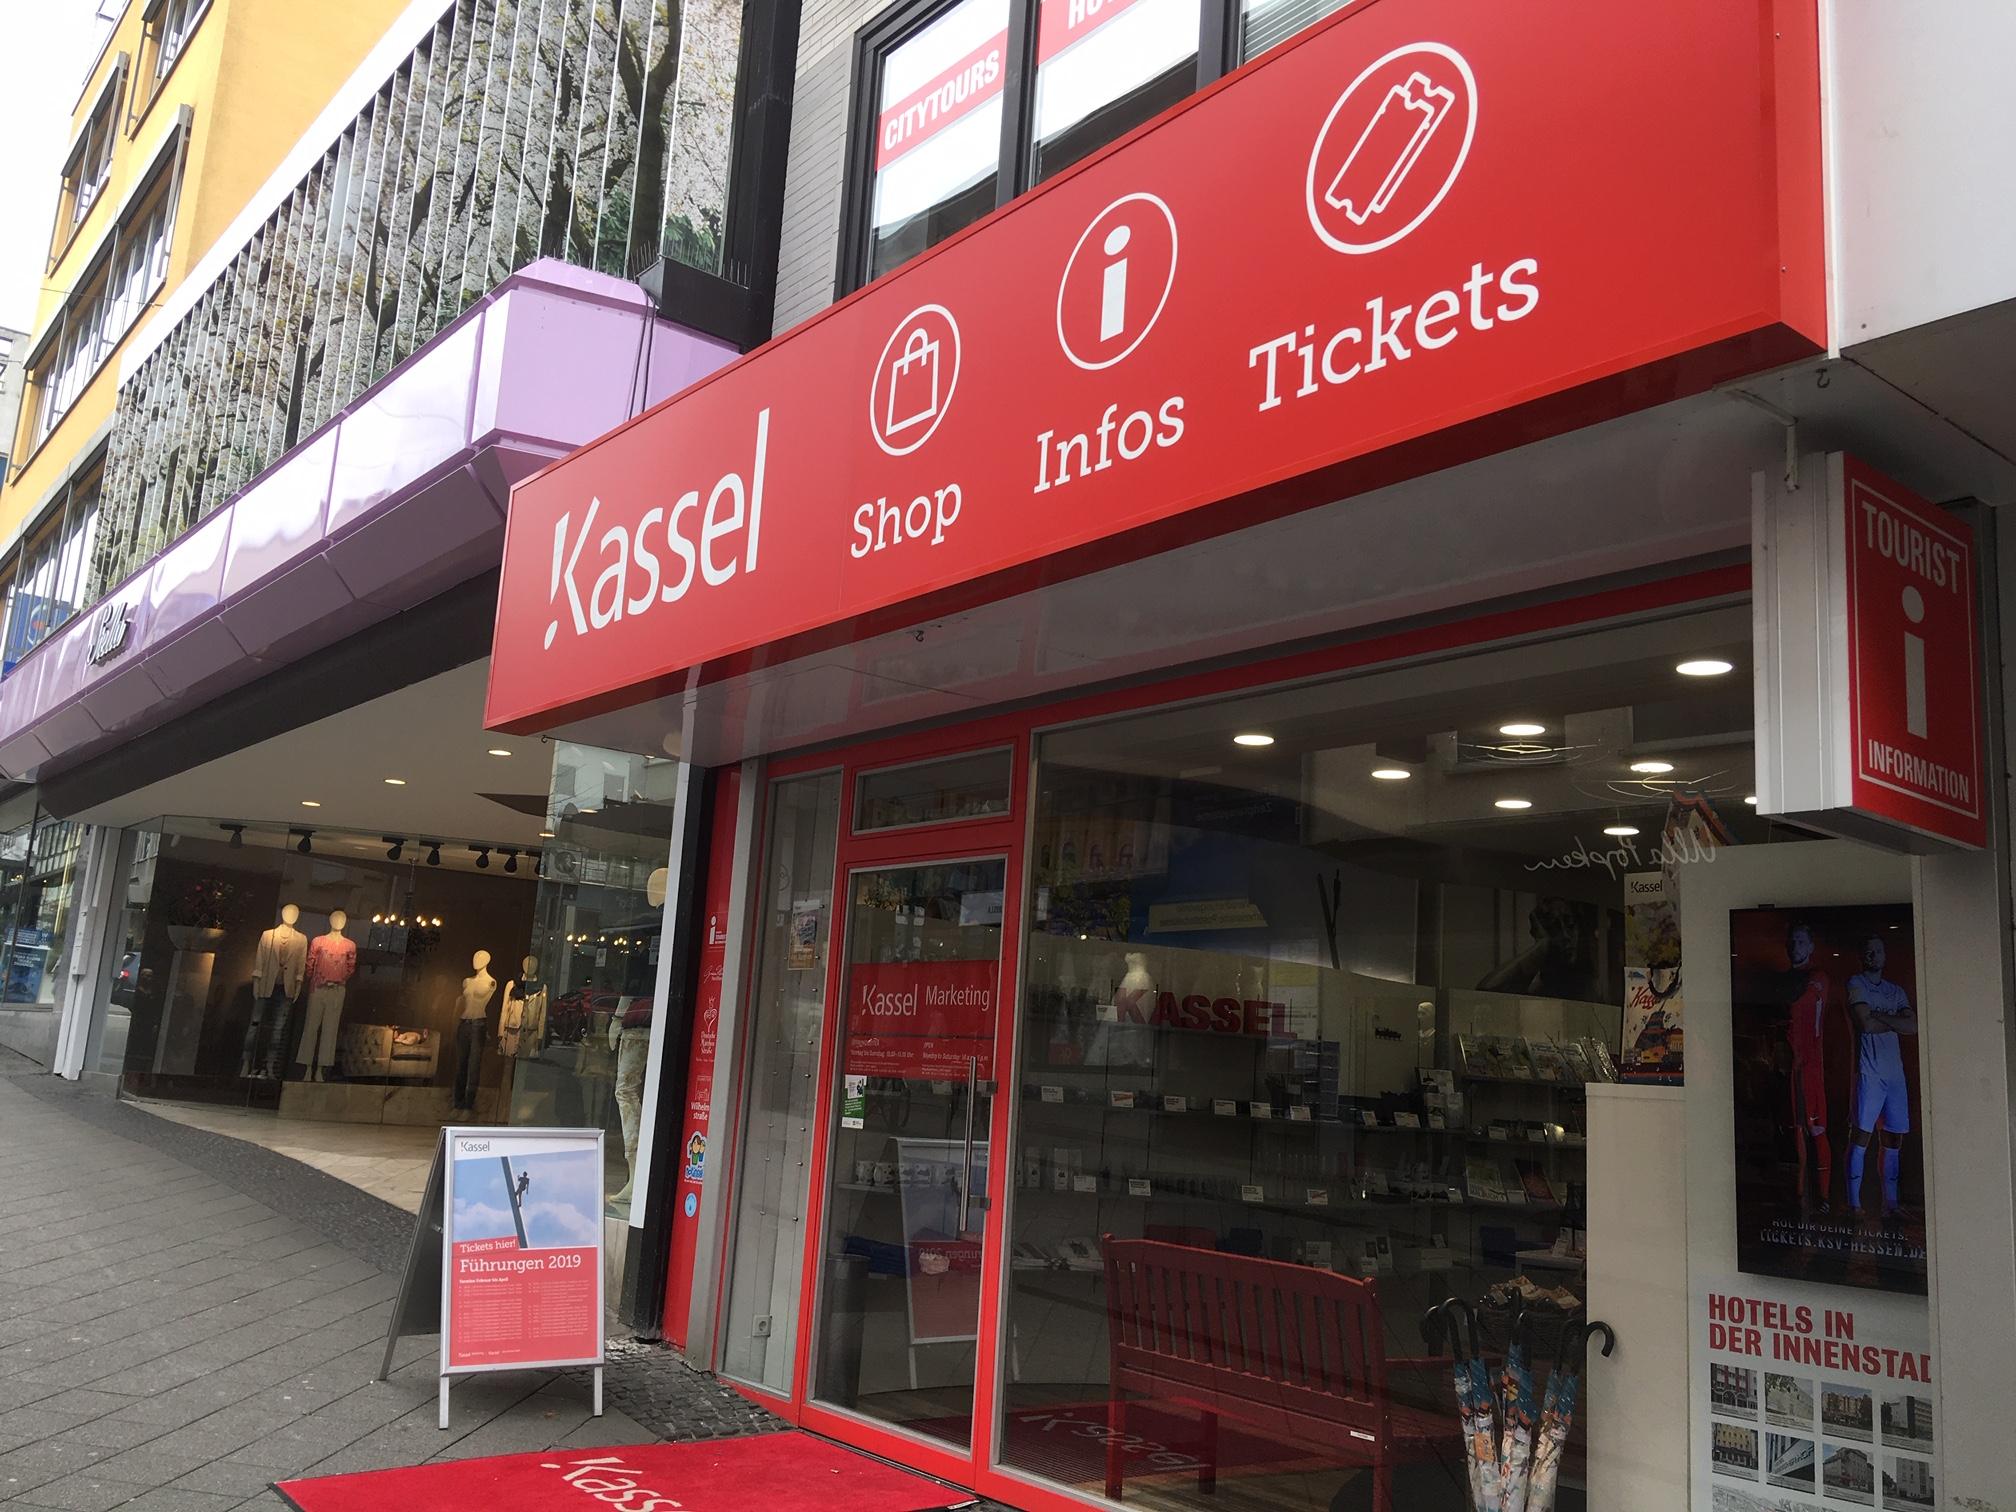 Kassel Tourist Information